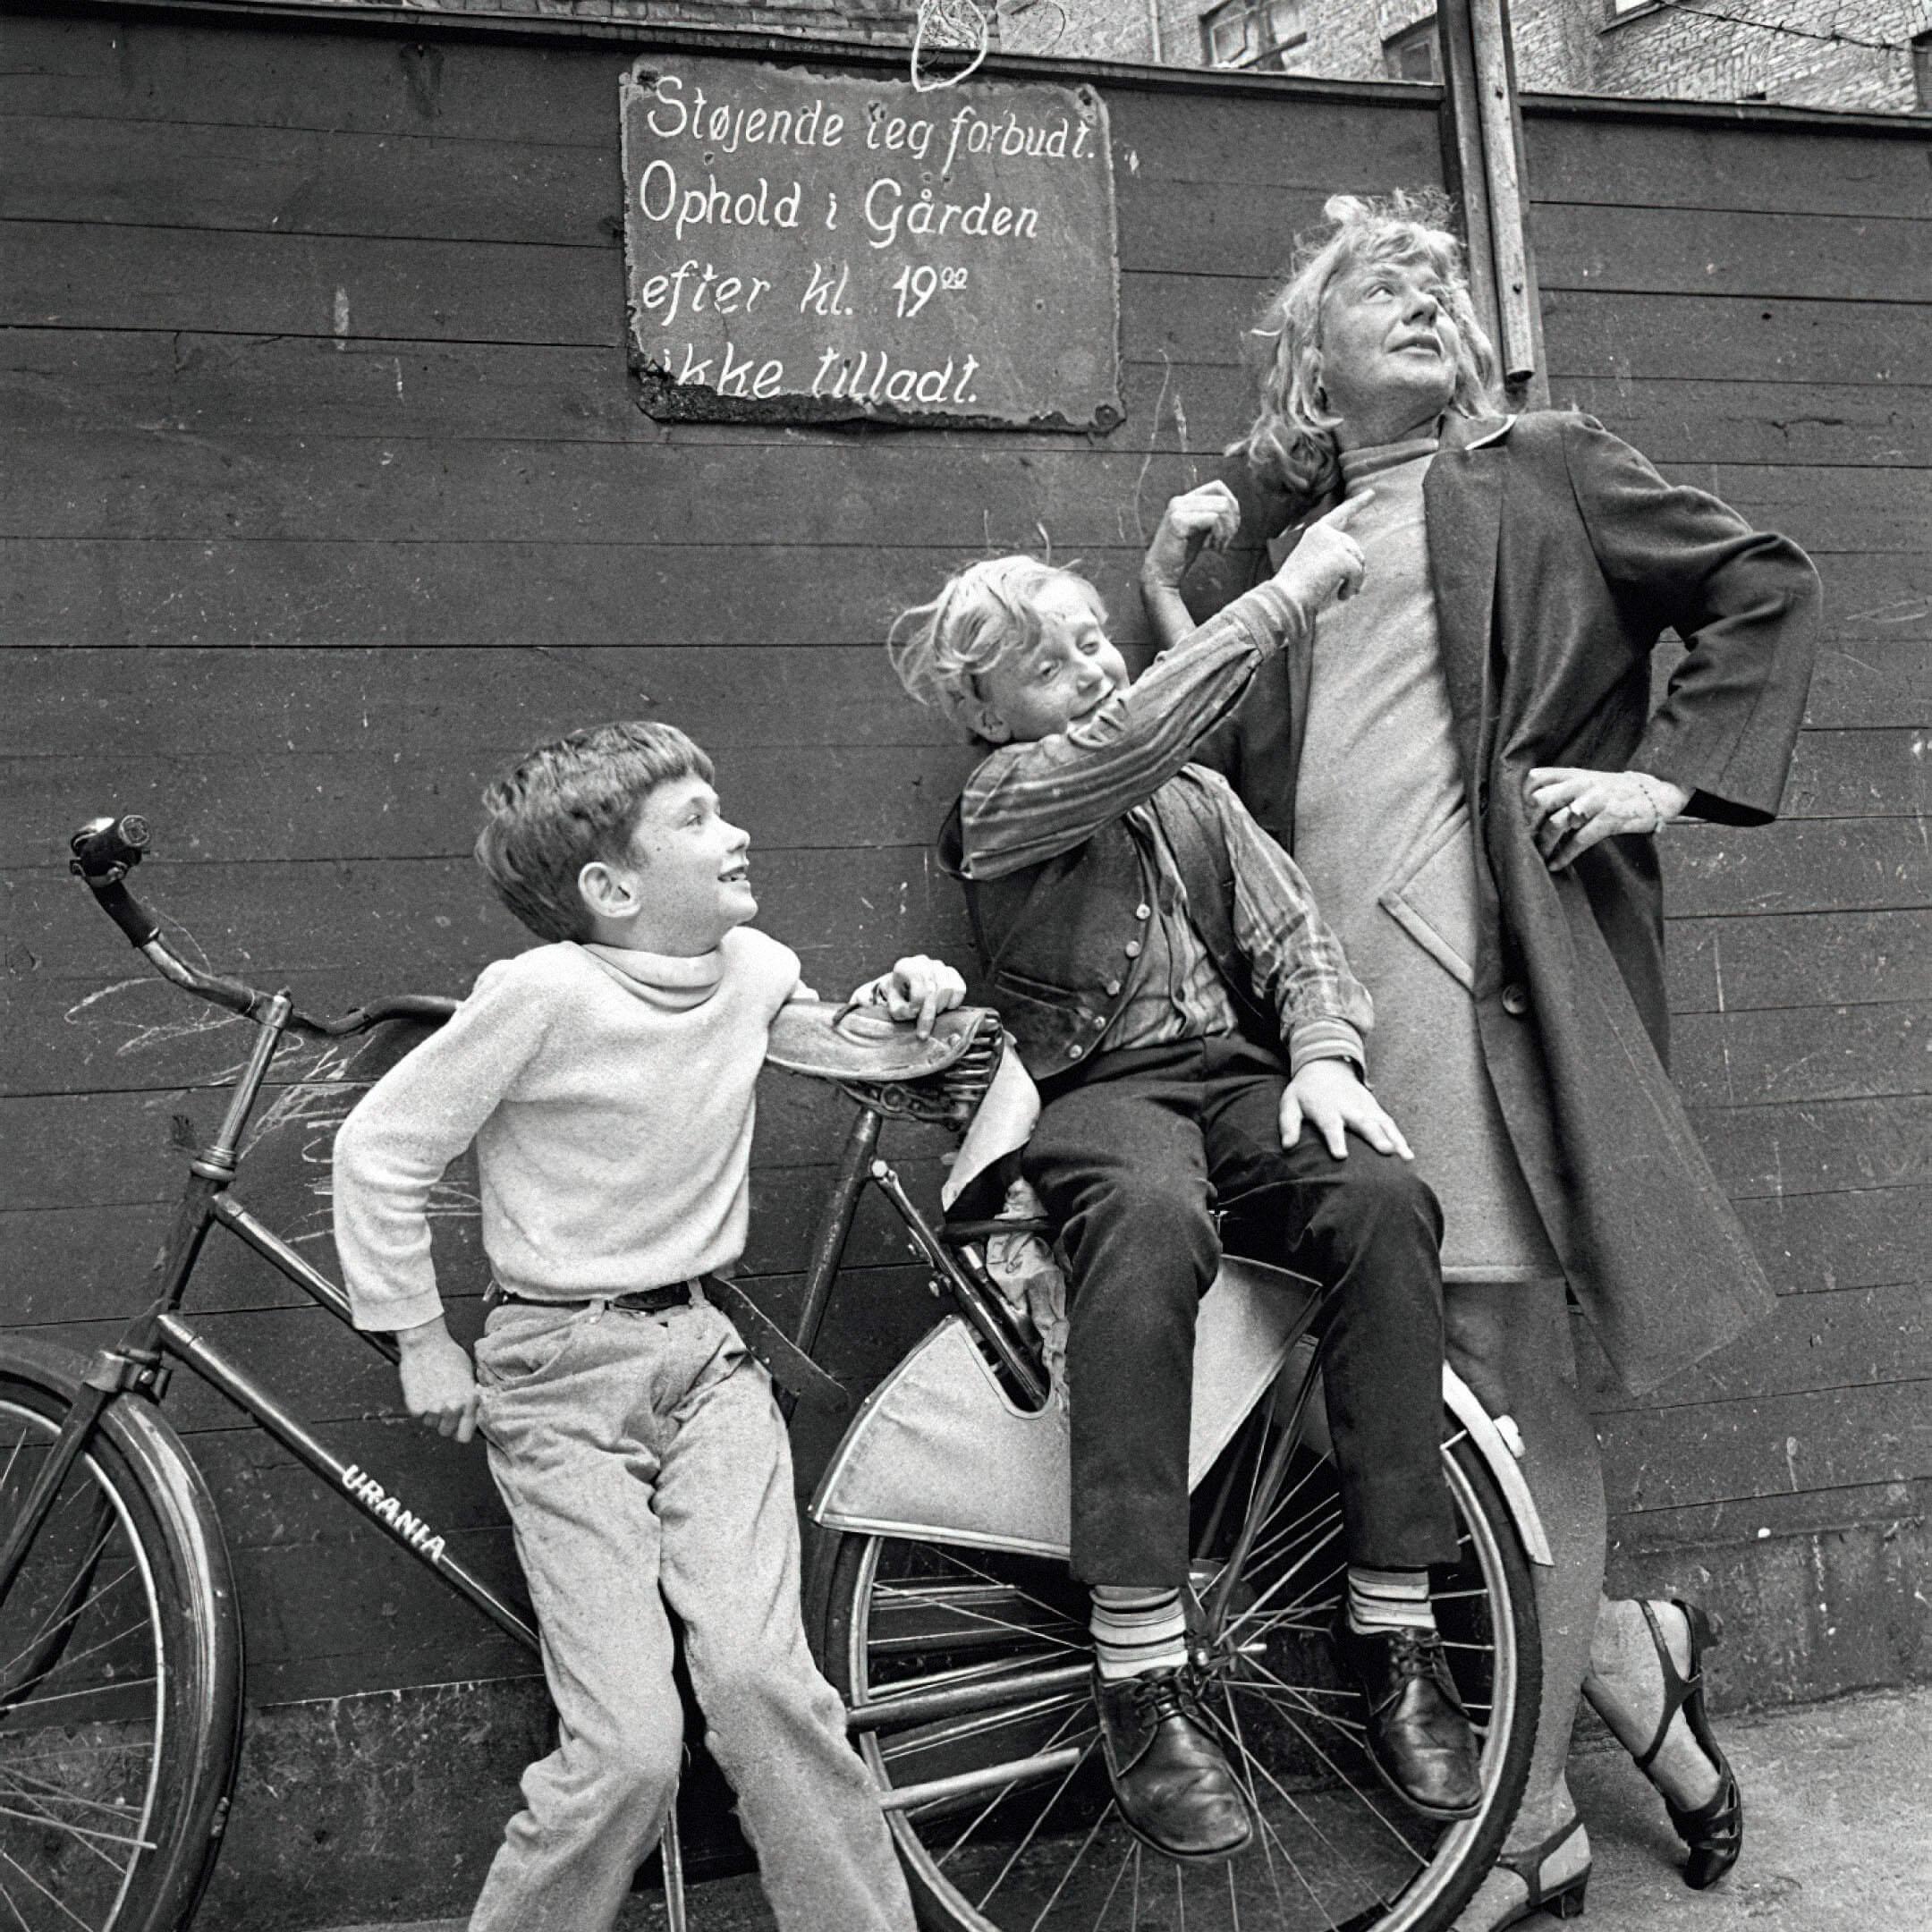 Тове с детьми в Вестербро. Фото: Кнуд Якобсен, Polfoto